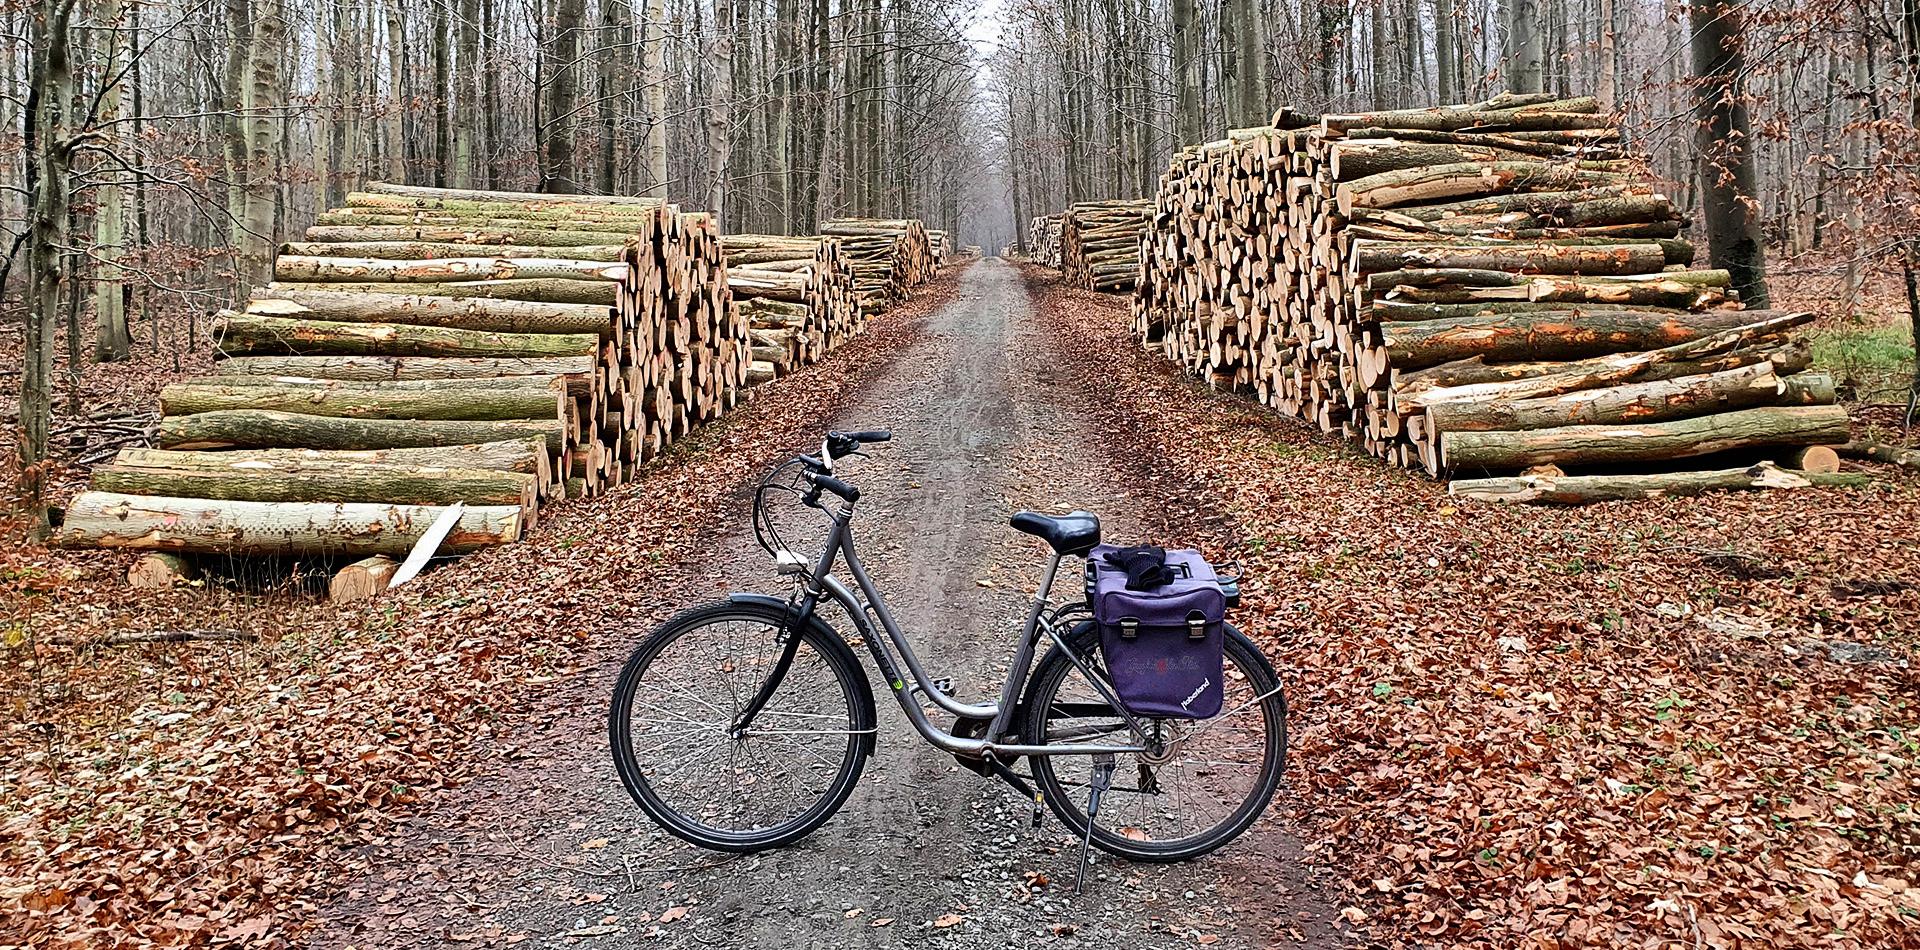 Fahrradtour im Elisenhain, Elisenhain im Naturschutzgebiet Eldena, Wald im Südosten der Hansestadt Greifswald in Mecklenburg-Vorpommern